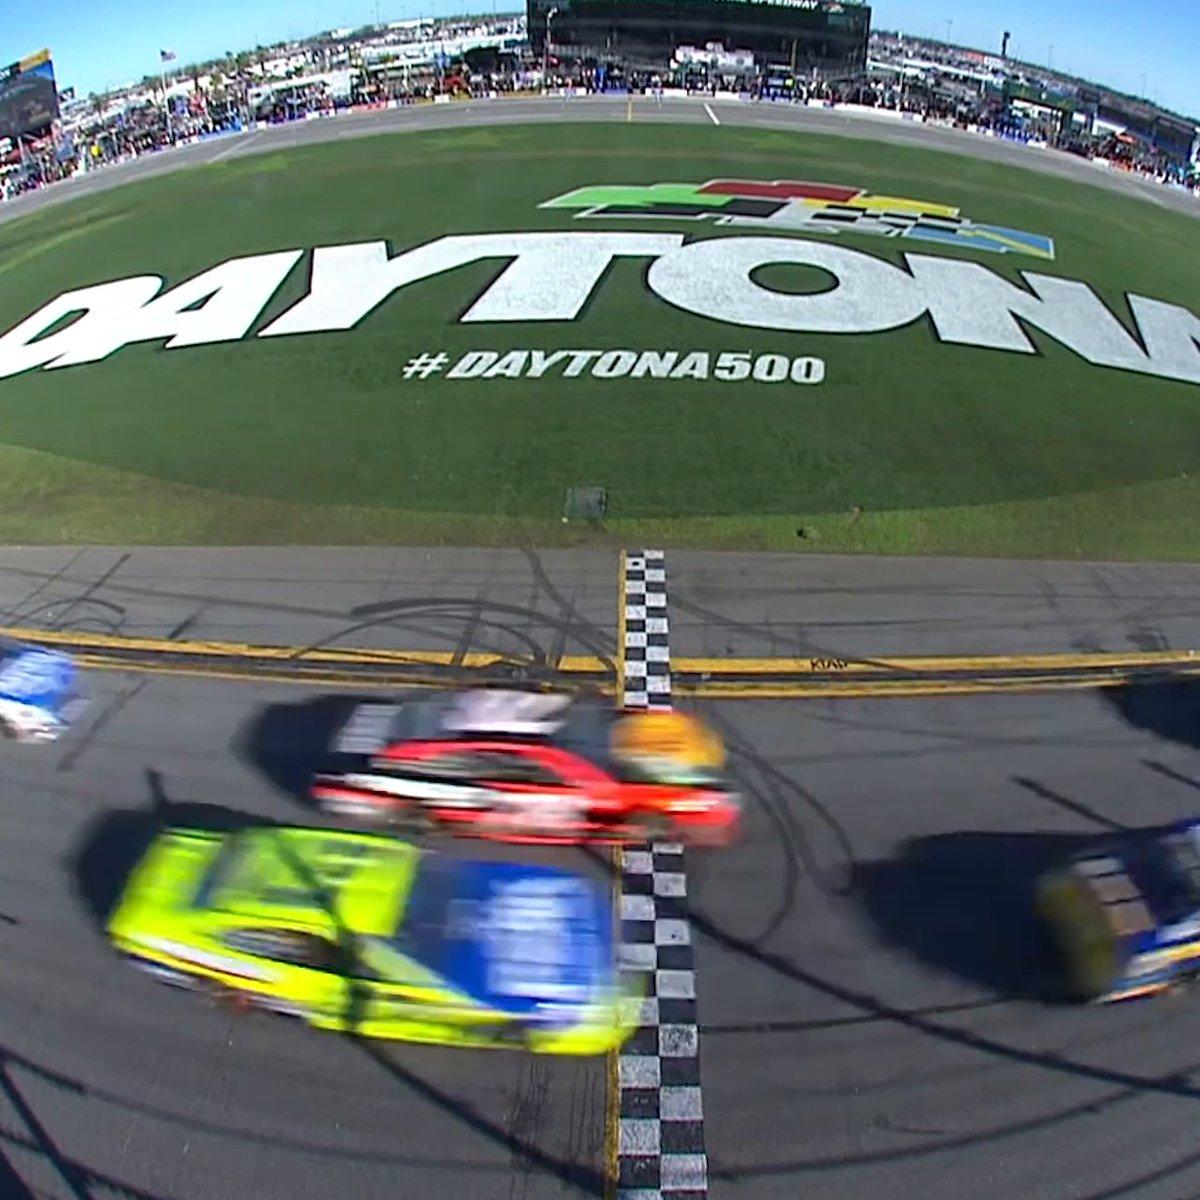 Racing for a chance at history. #DAYTONA500